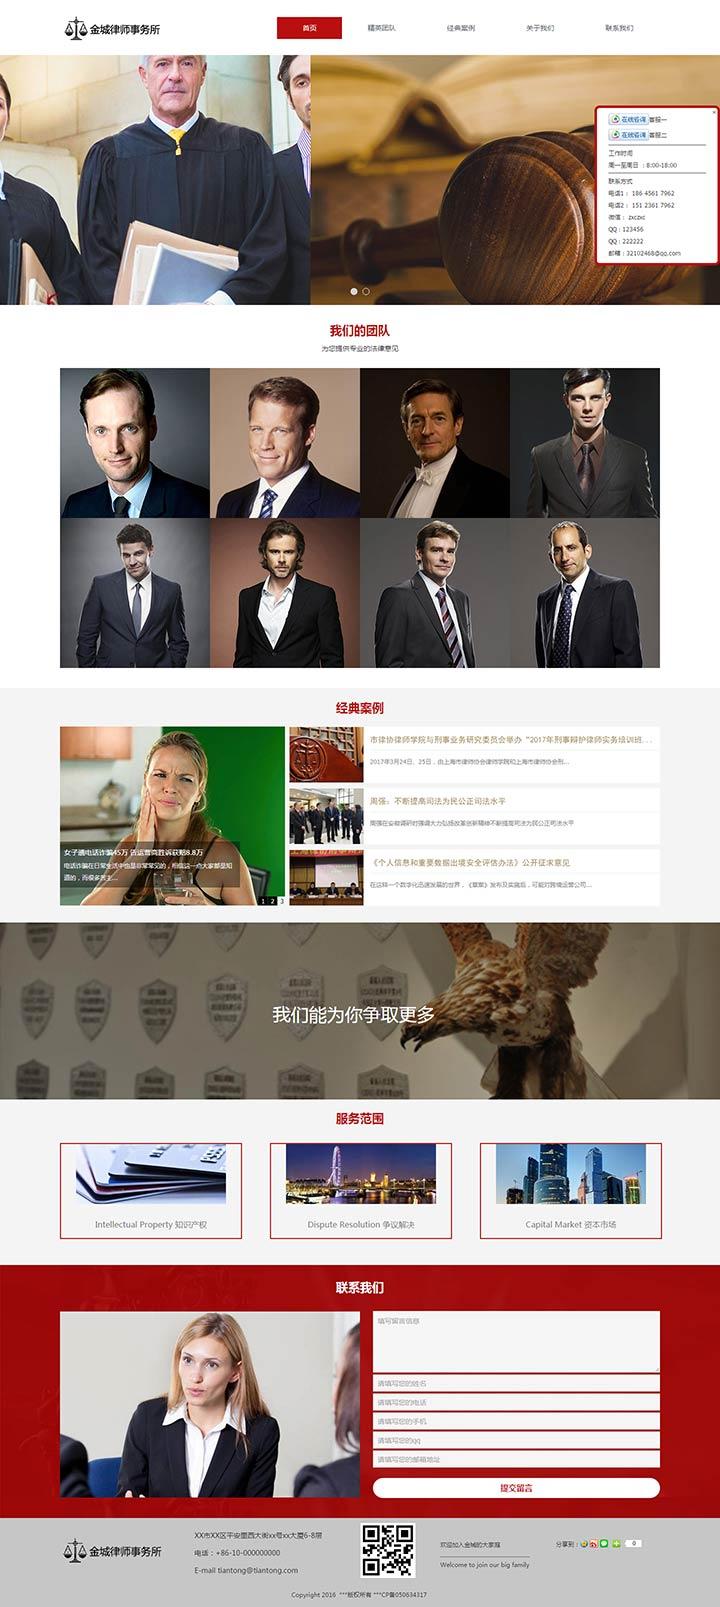 律师事务所展示网站